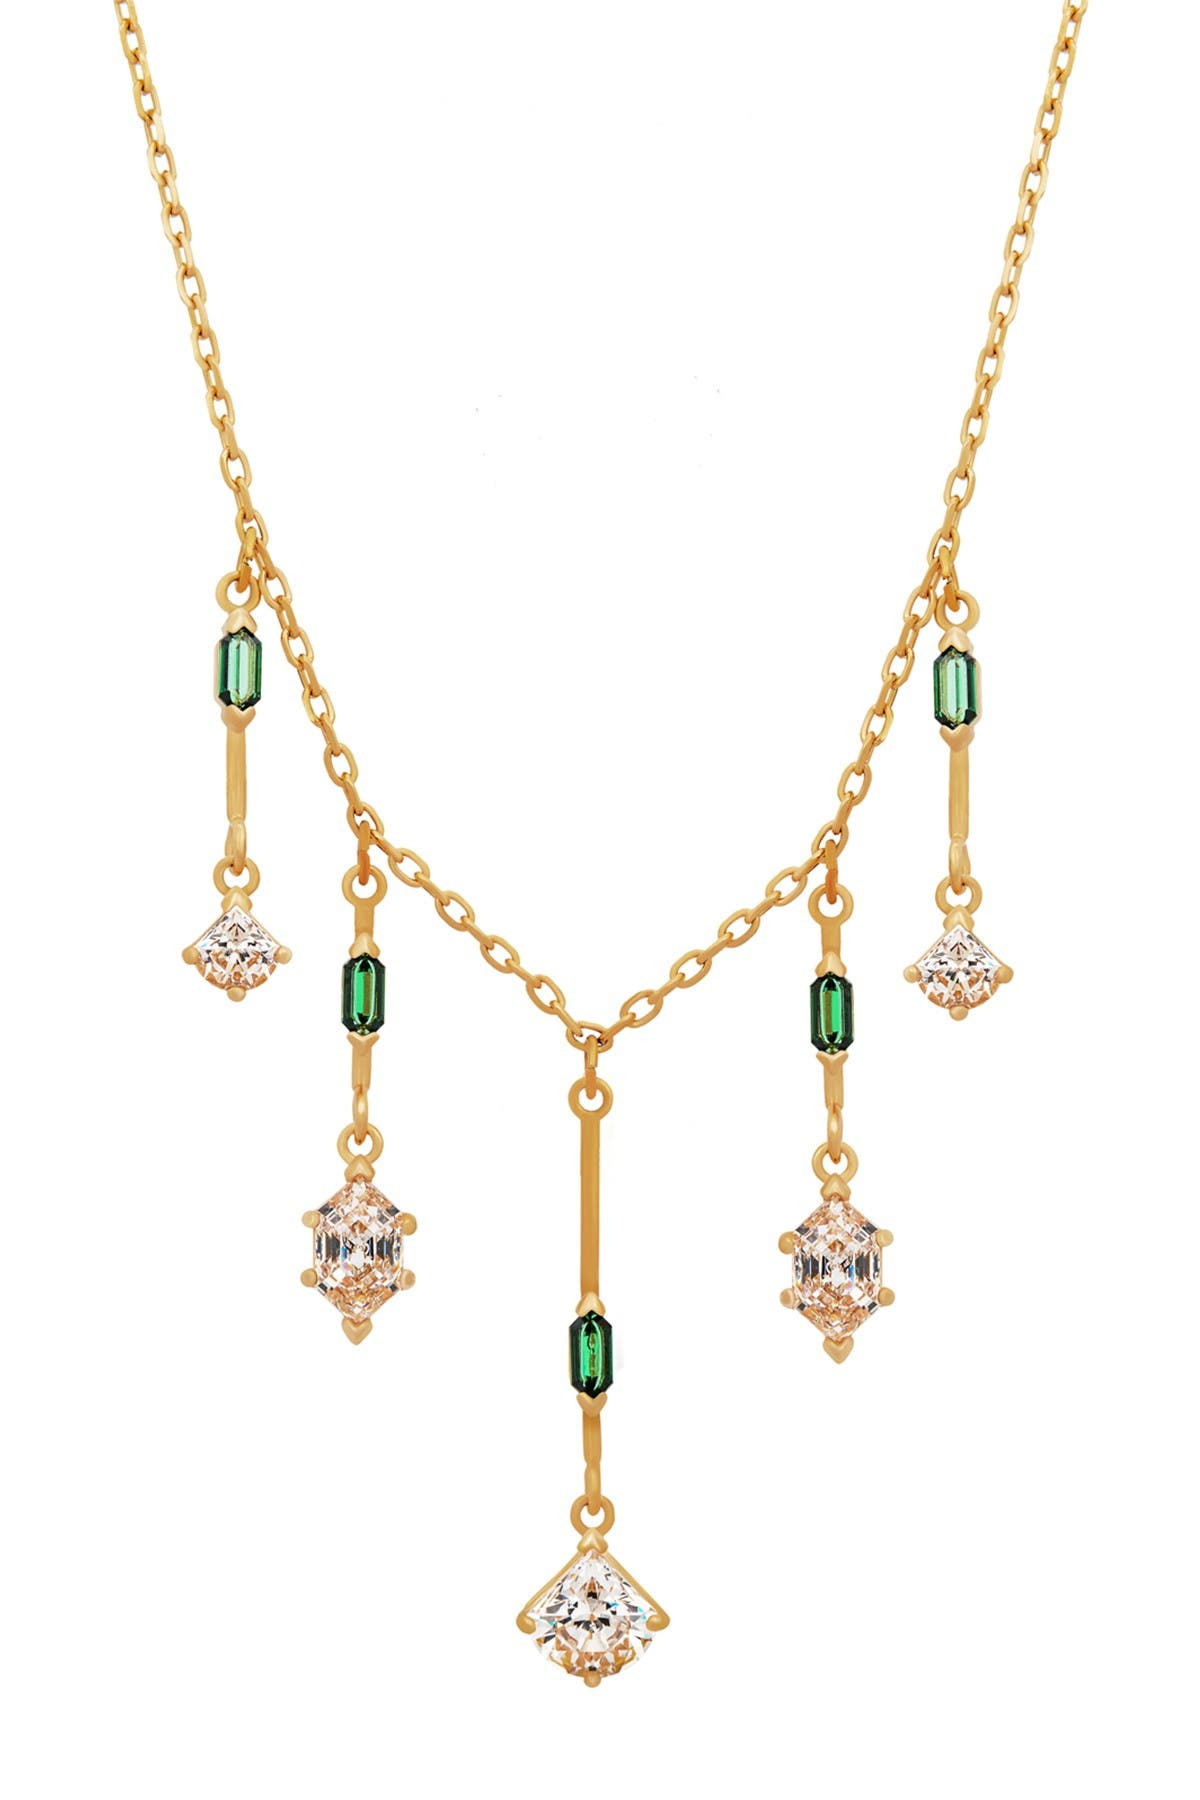 Image of Swarovski Oz 23K Yellow Gold Plated Green Swarovski Crystal & CZ Statement Necklace